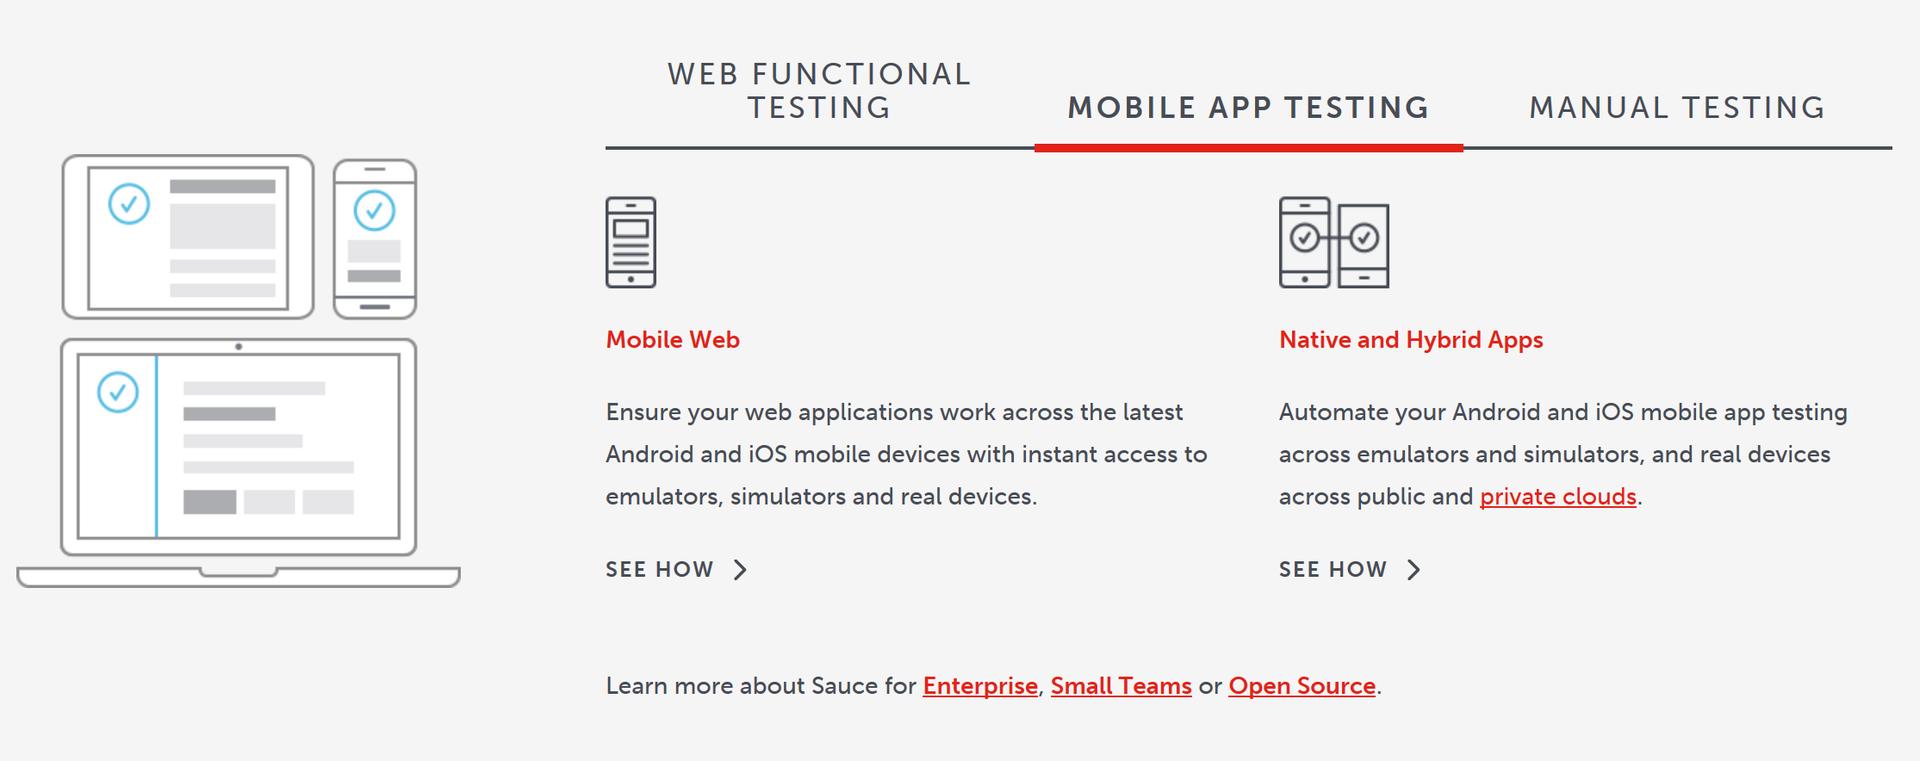 7 лучших ферм устройств для тестирования мобильных приложений - 9